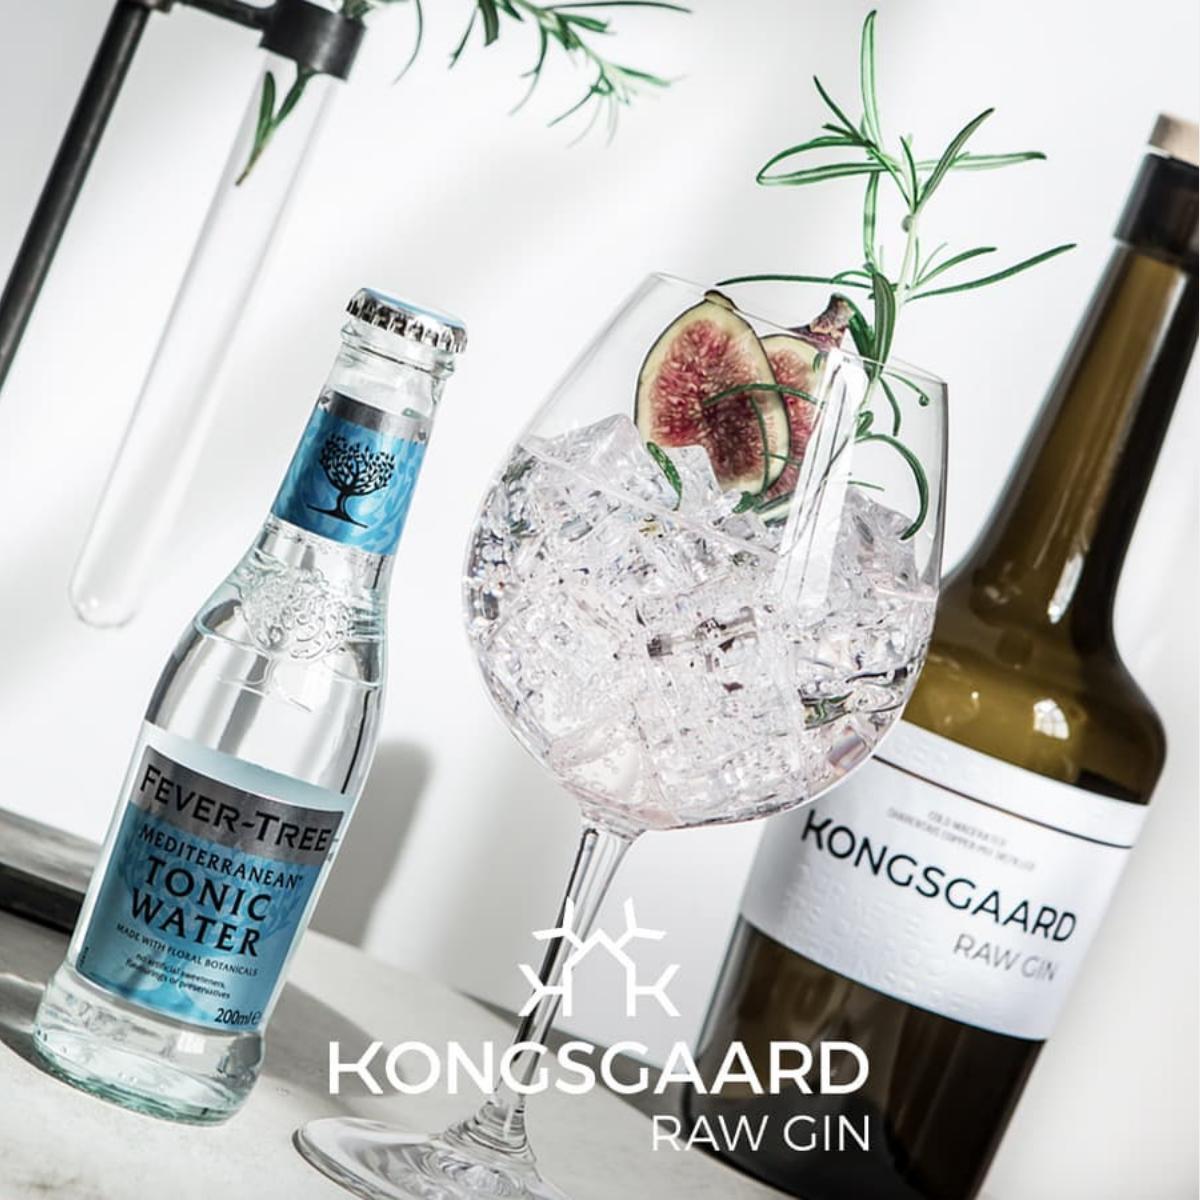 Kongsgaard Gin